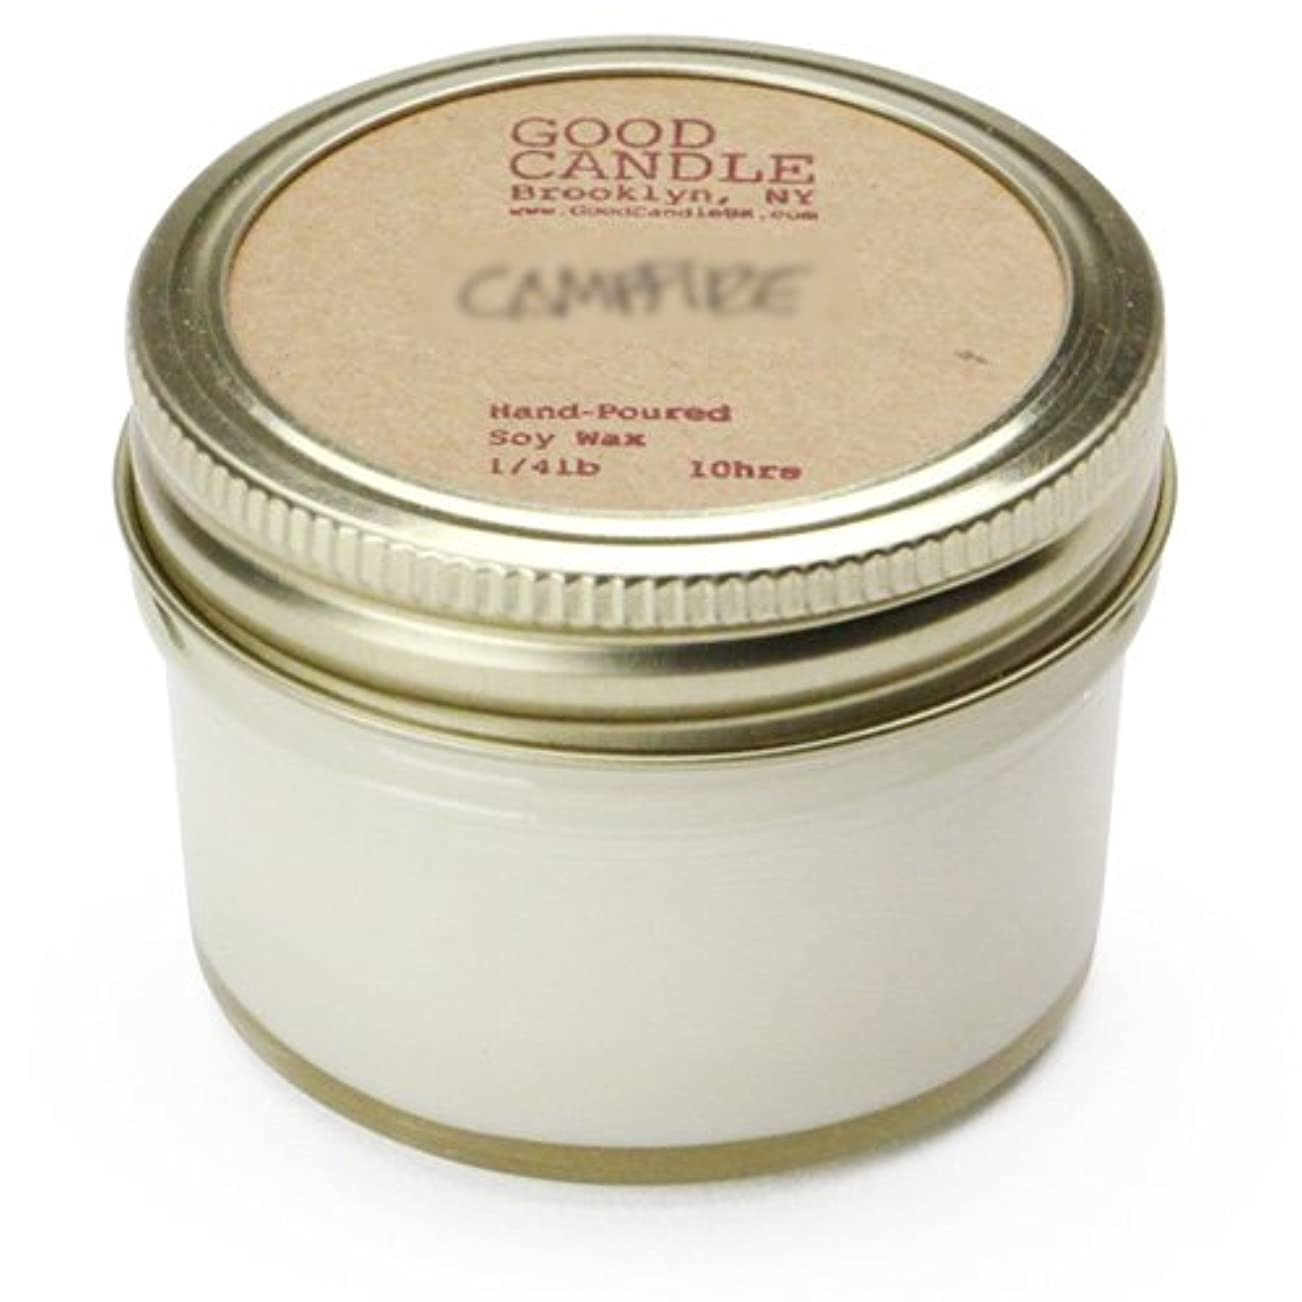 航空機あさり回復グッドキャンドル 1/4ポンド ゼリージャー キャンドル Good Candle 1/4LB Jelly jar candle [ Camp fire ] 正規品